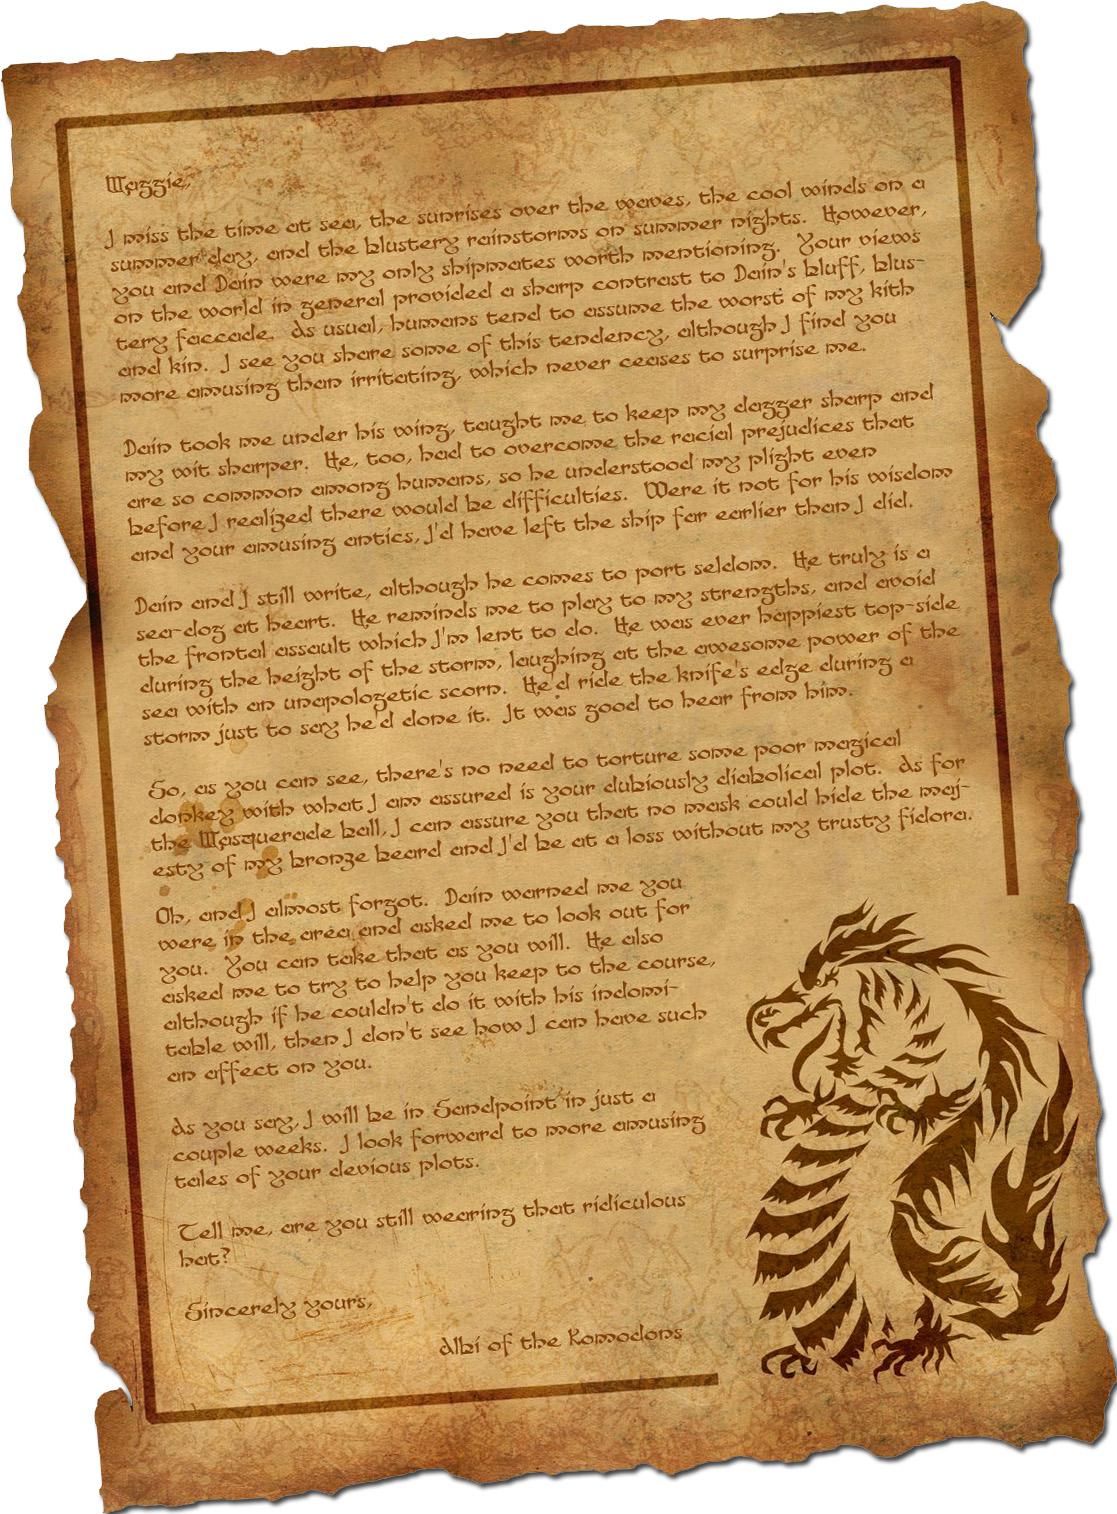 Albi letter